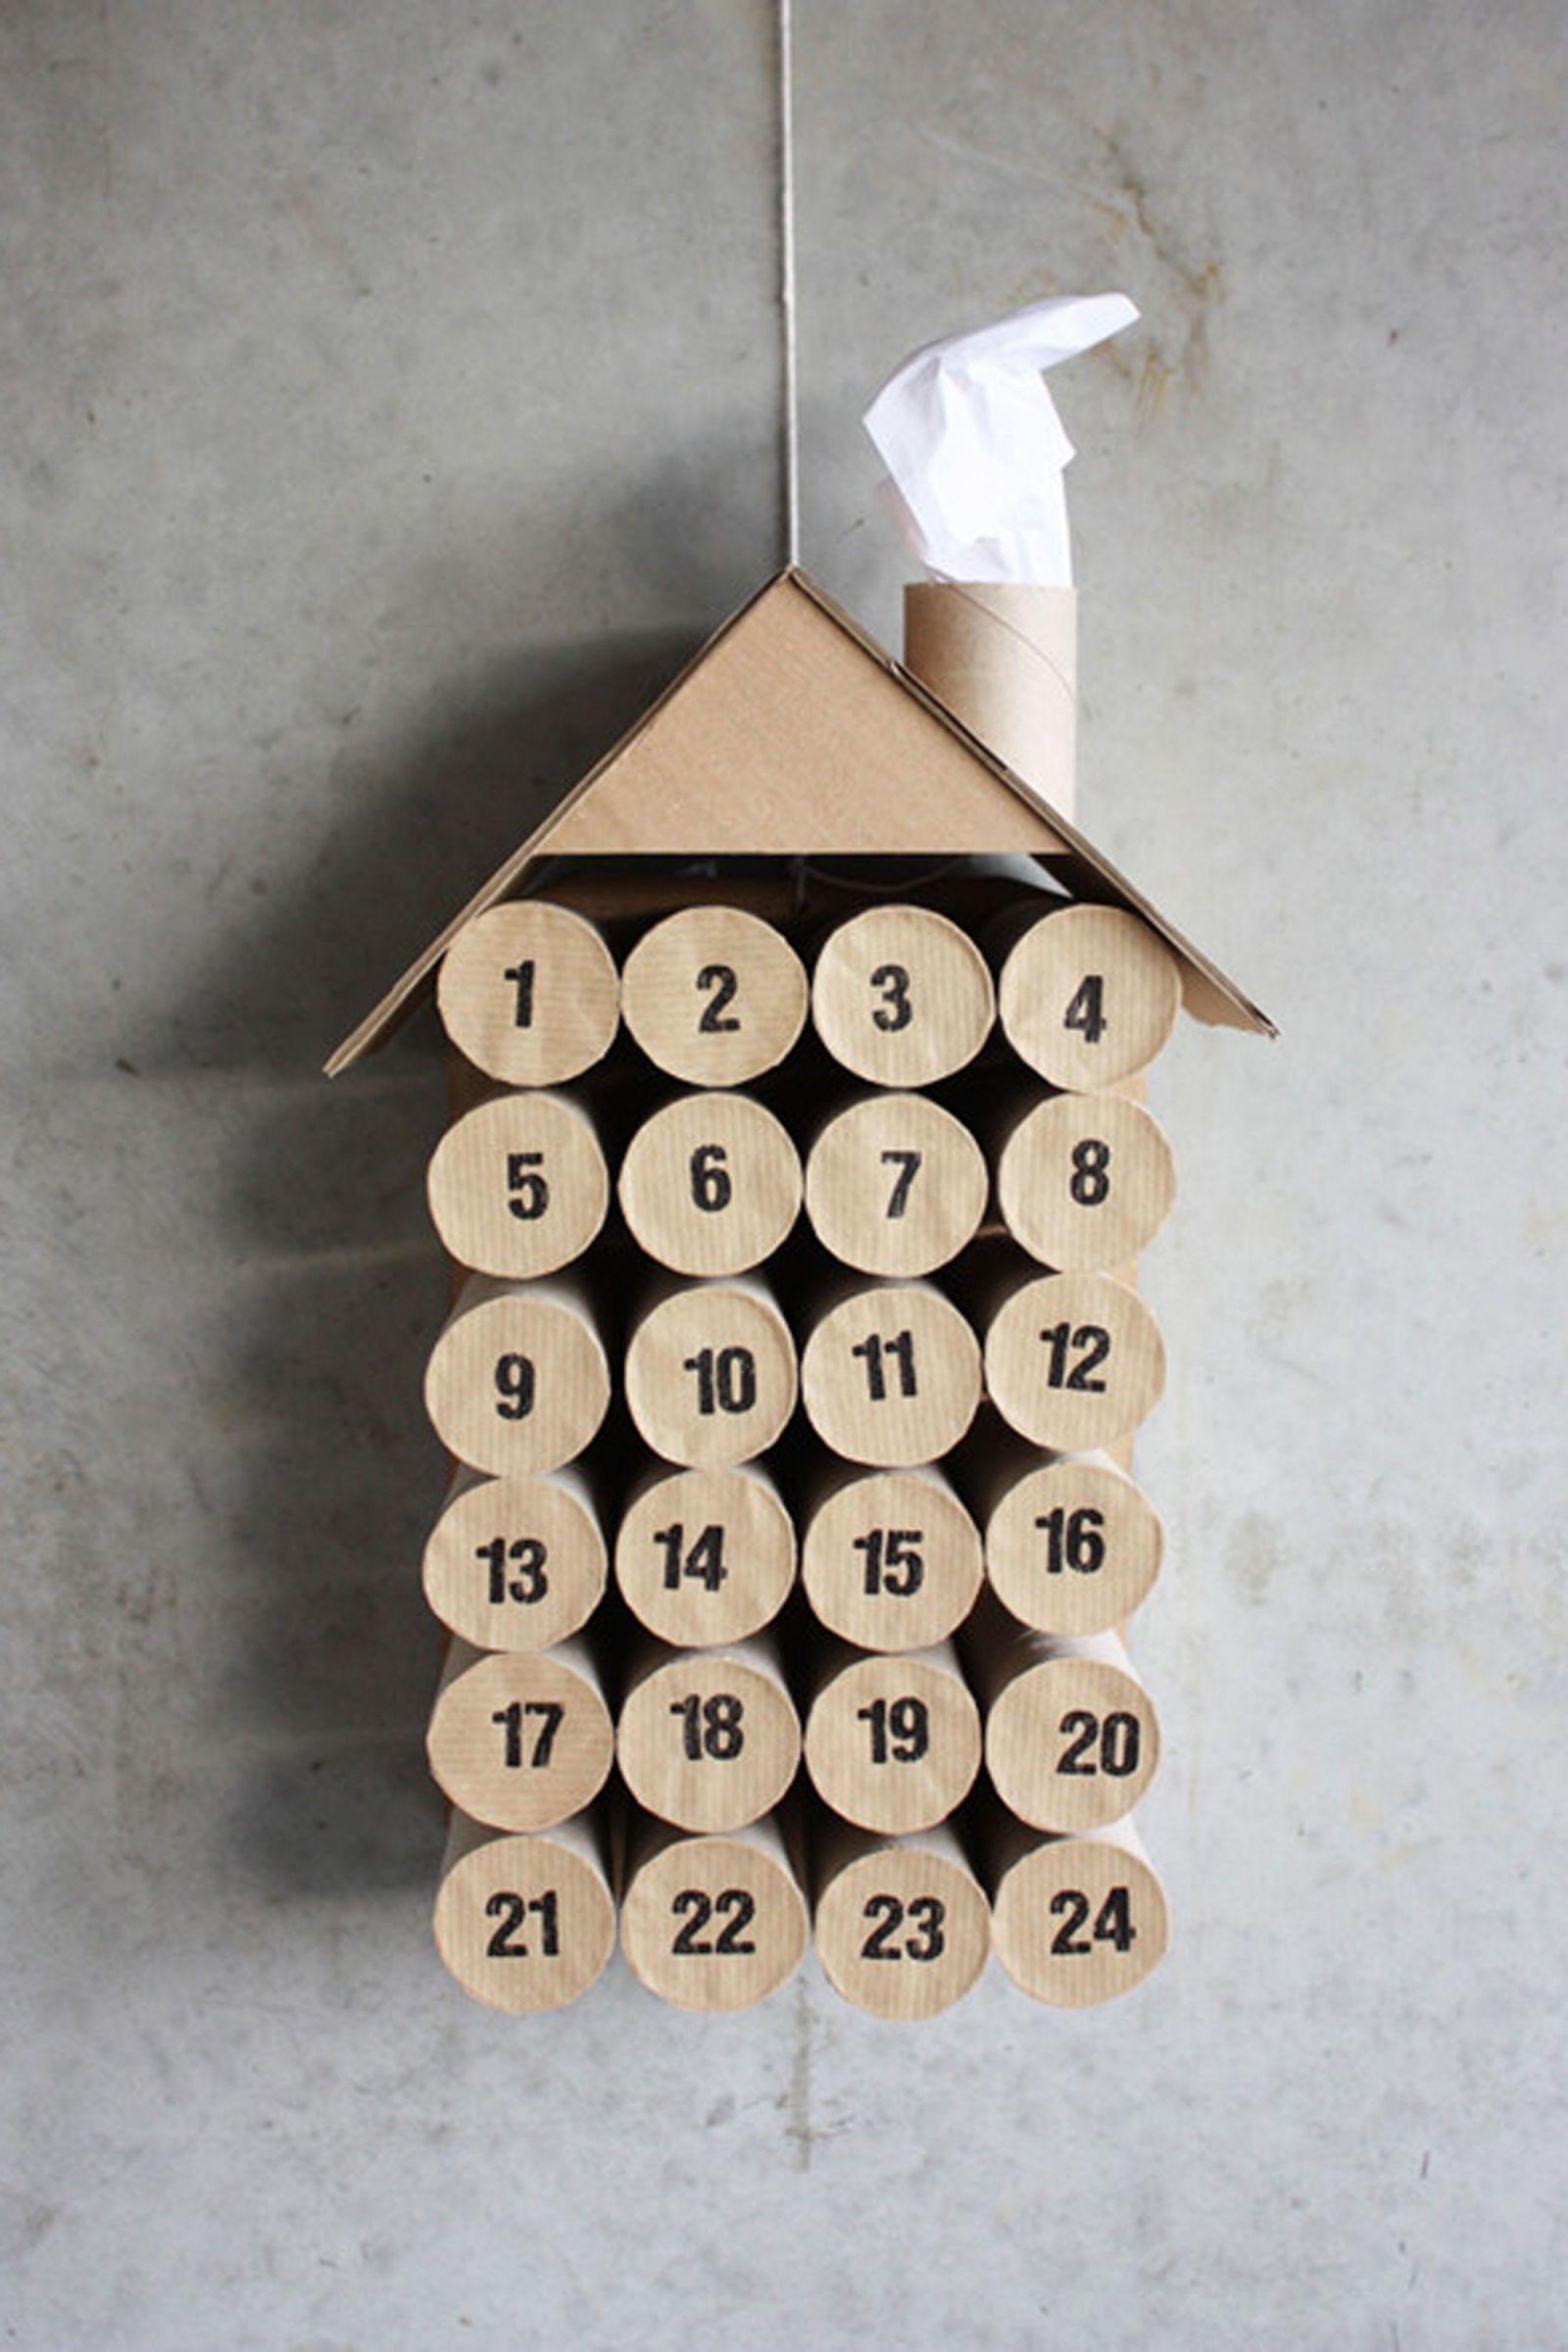 Calendario Diciembre 2017 Para Imprimir Con Festivos Mejores Y Más Novedosos 12 toilet Paper Roll Crafts for the Woman who Hates to Waste